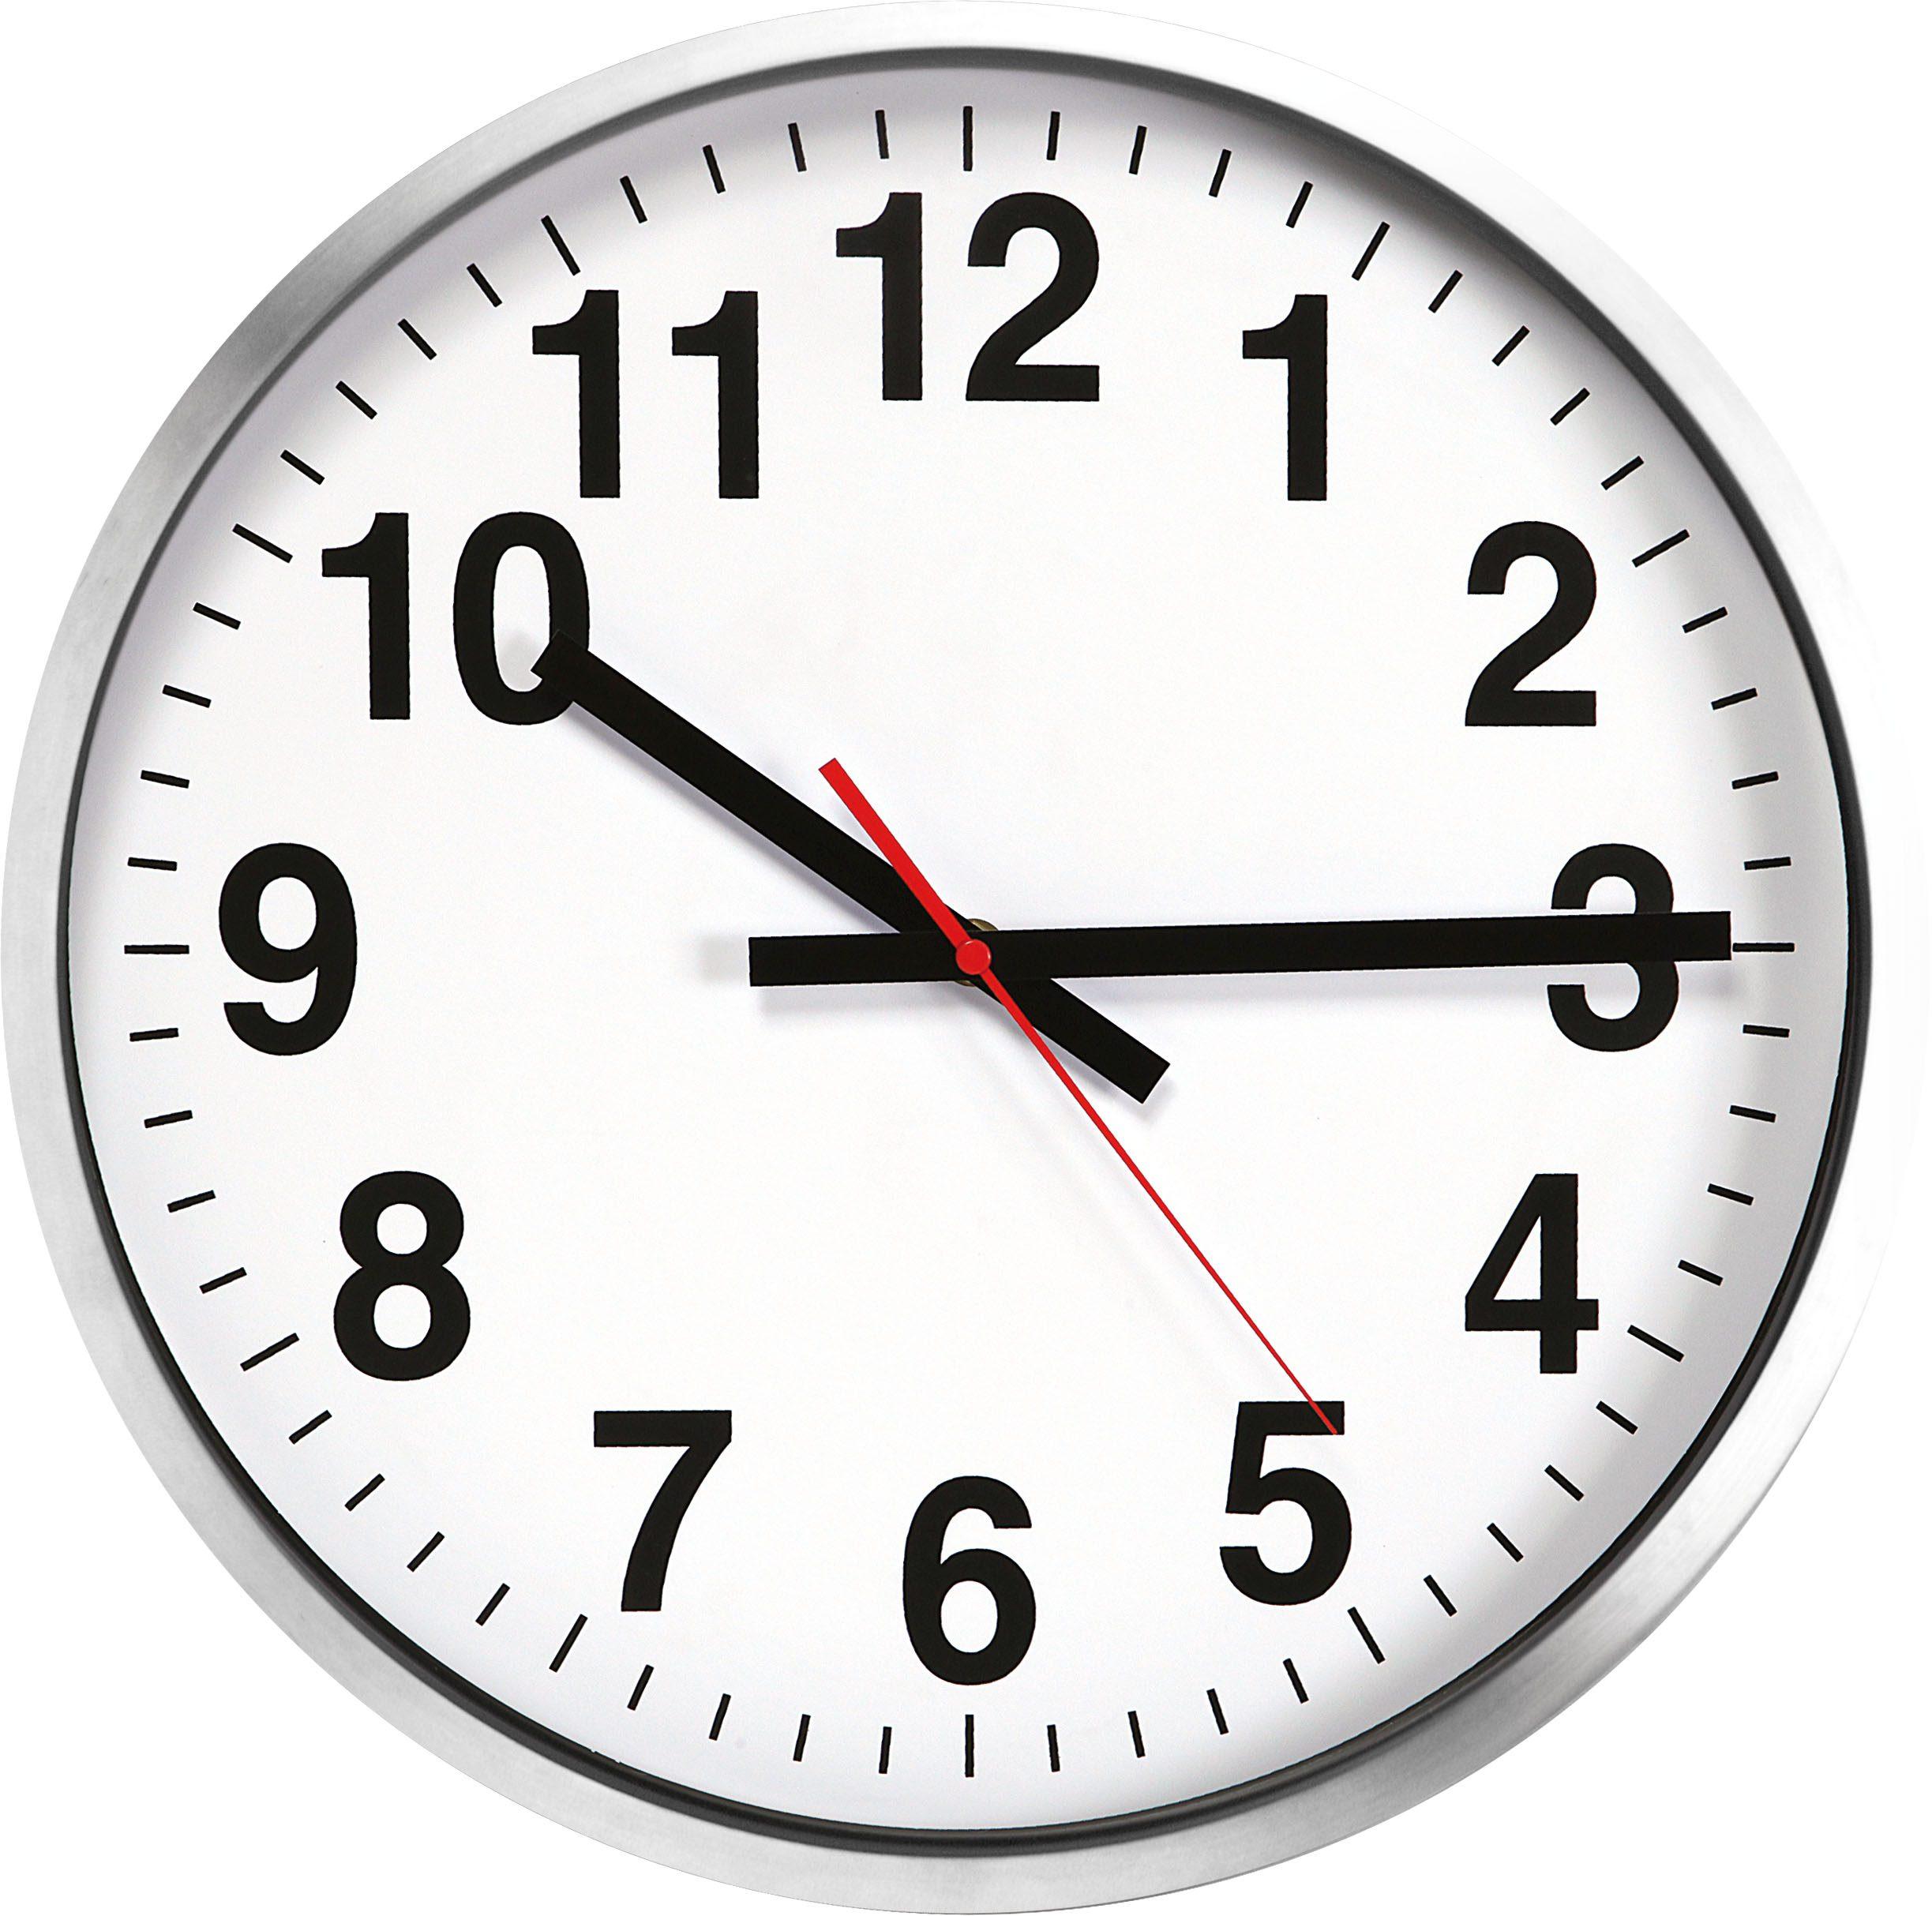 L 39 orologio depresso buon anno con il signore for Foto orologio da parete